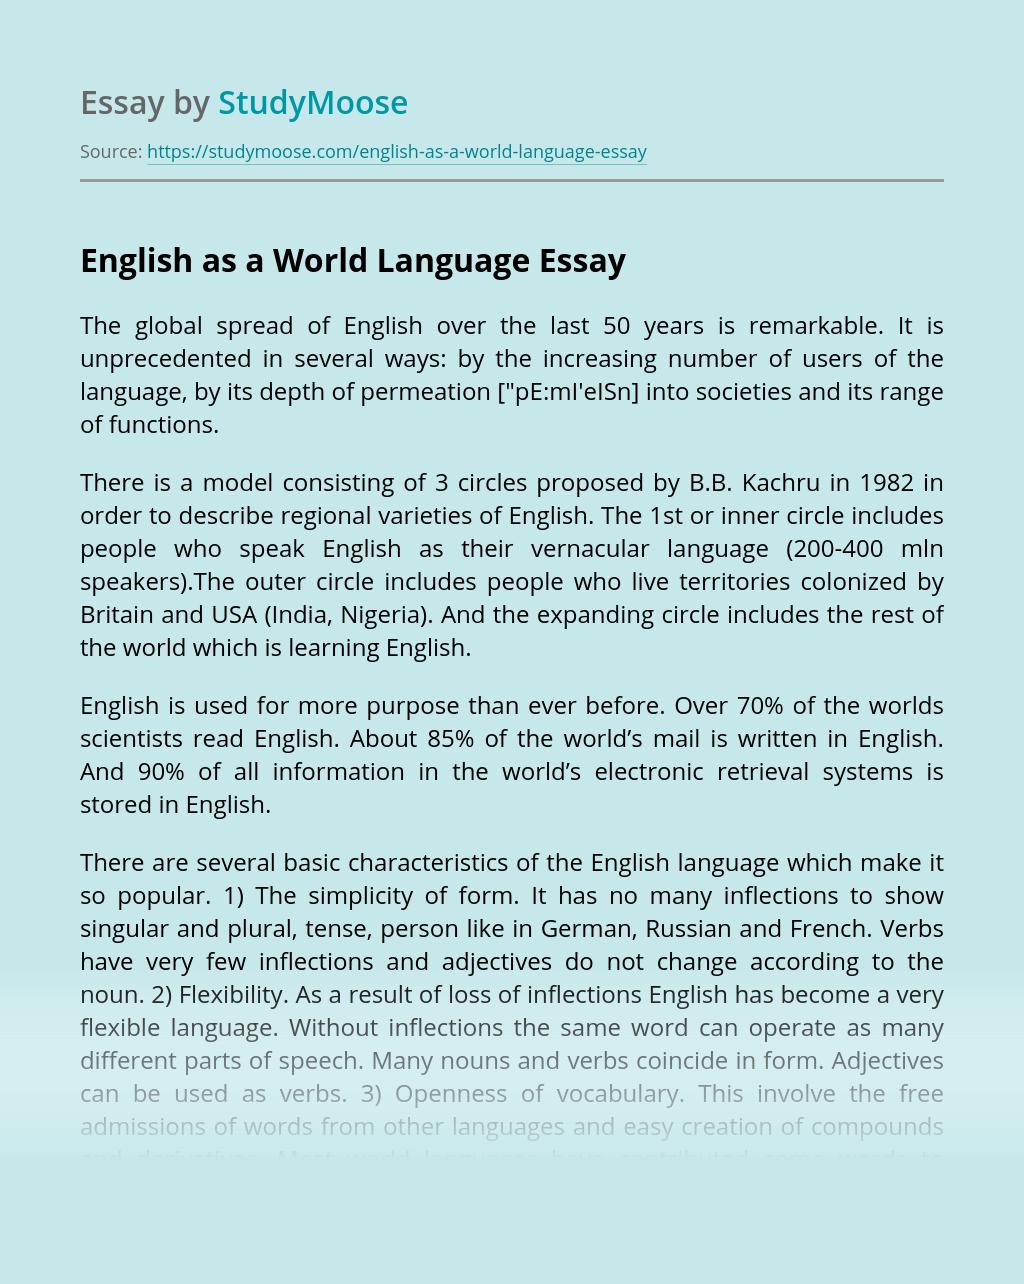 English as a World Language